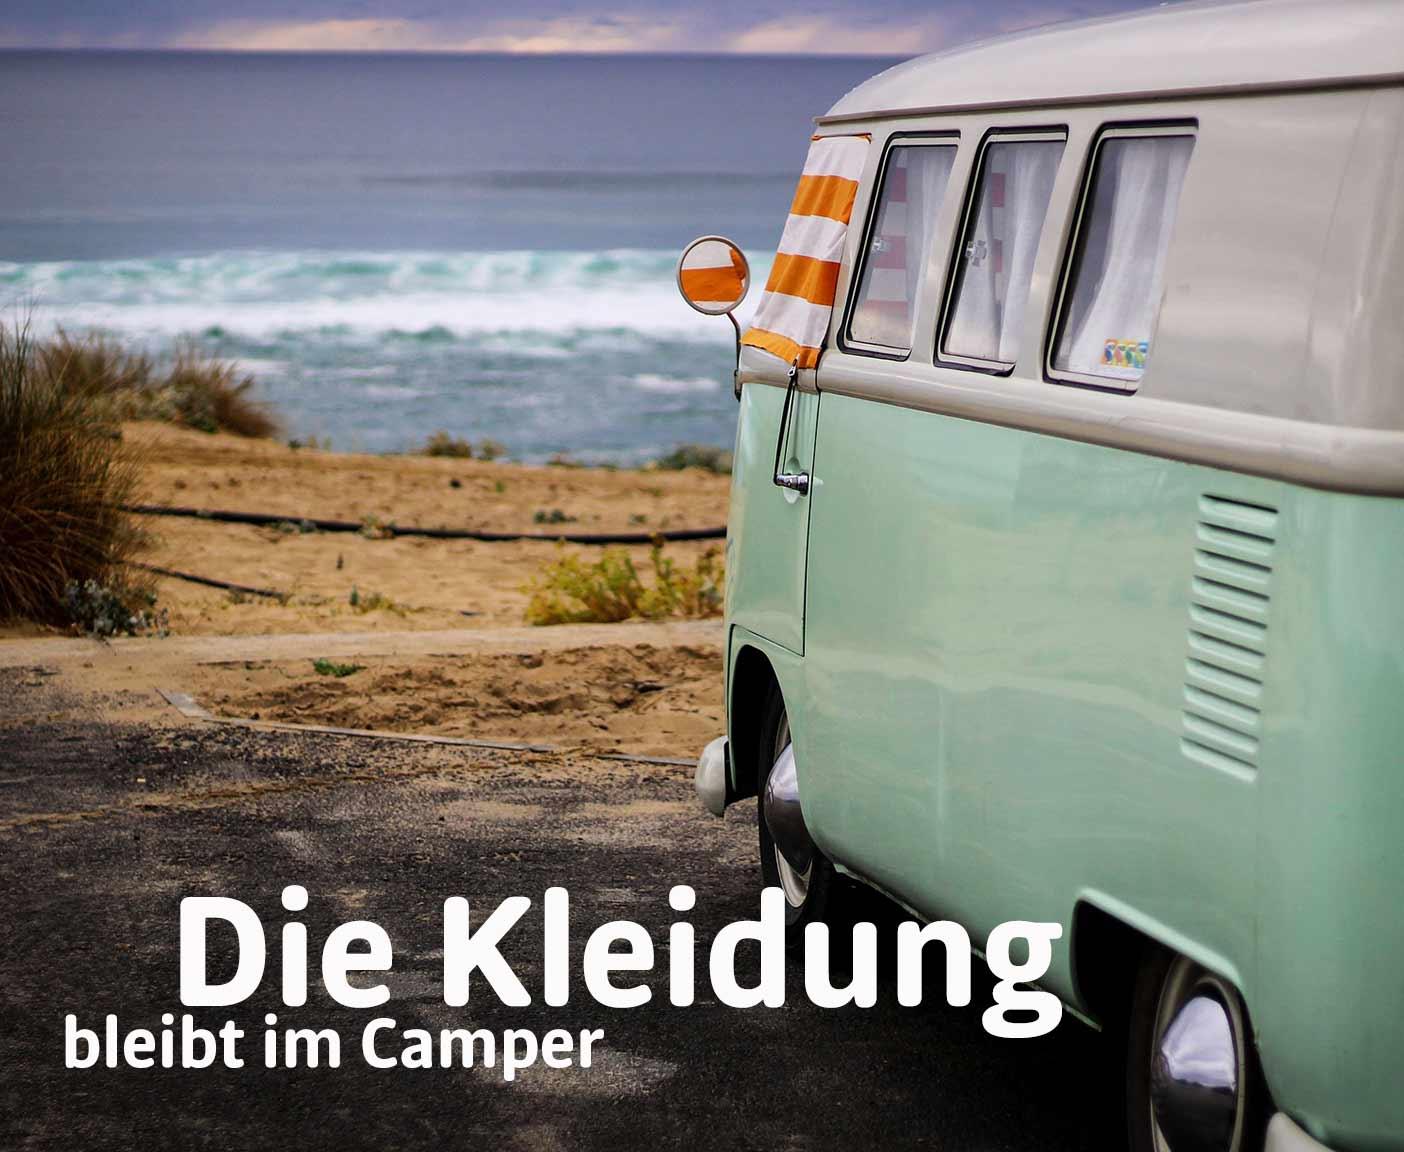 FKK-Camping VW Camper in türkis am Strand in den Dünen, orange-weiß gestreiftes handtuch, PaulCamper